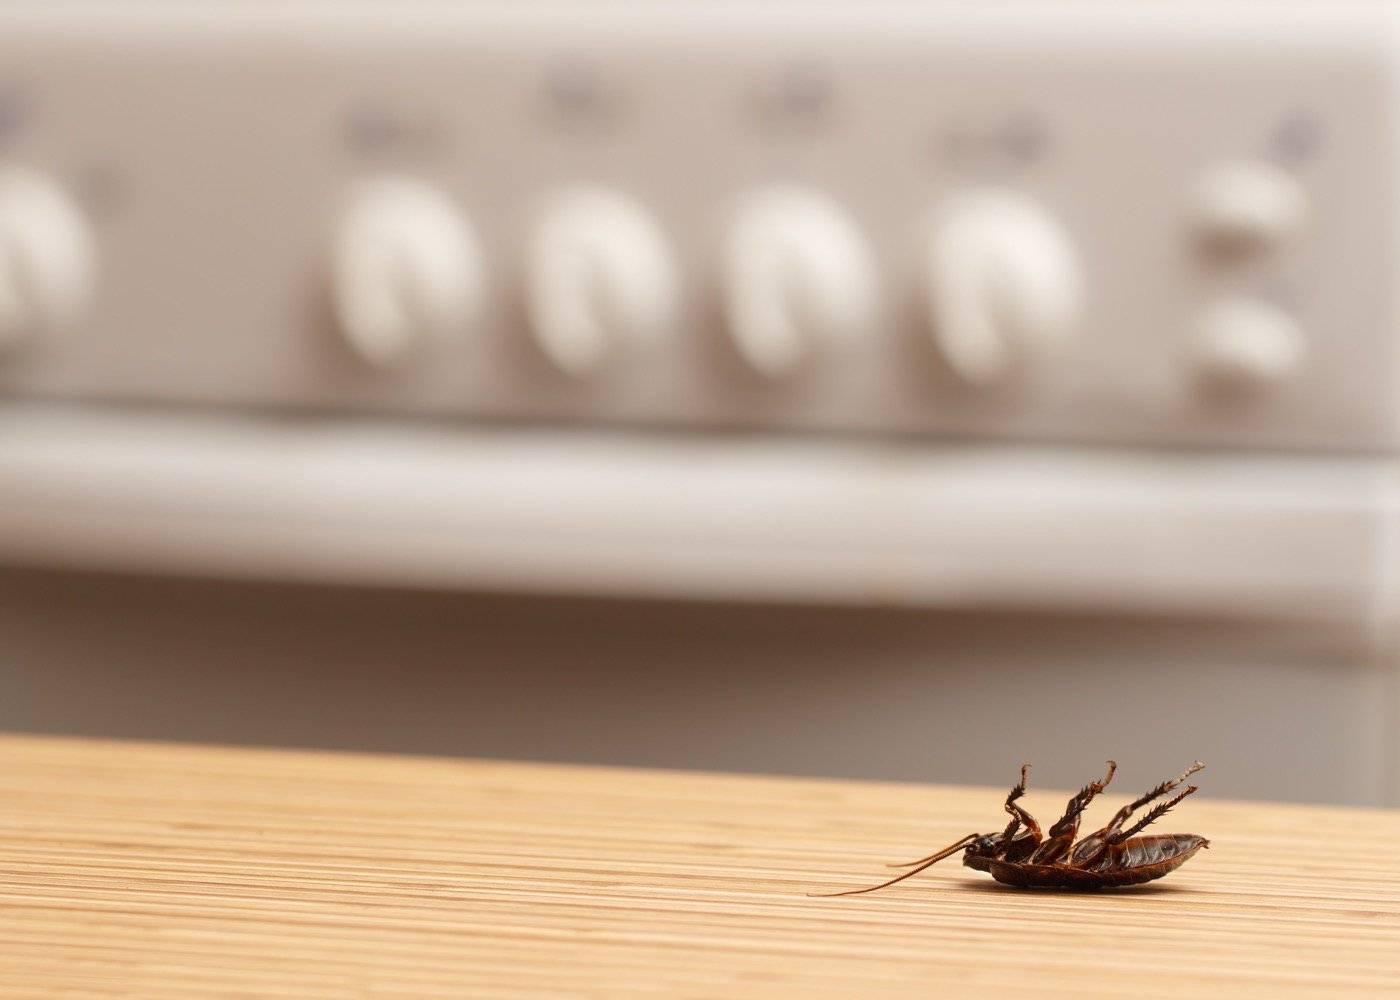 cucaracha muerta - ¿Dónde puedes comprar ácido bórico contra las cucarachas?